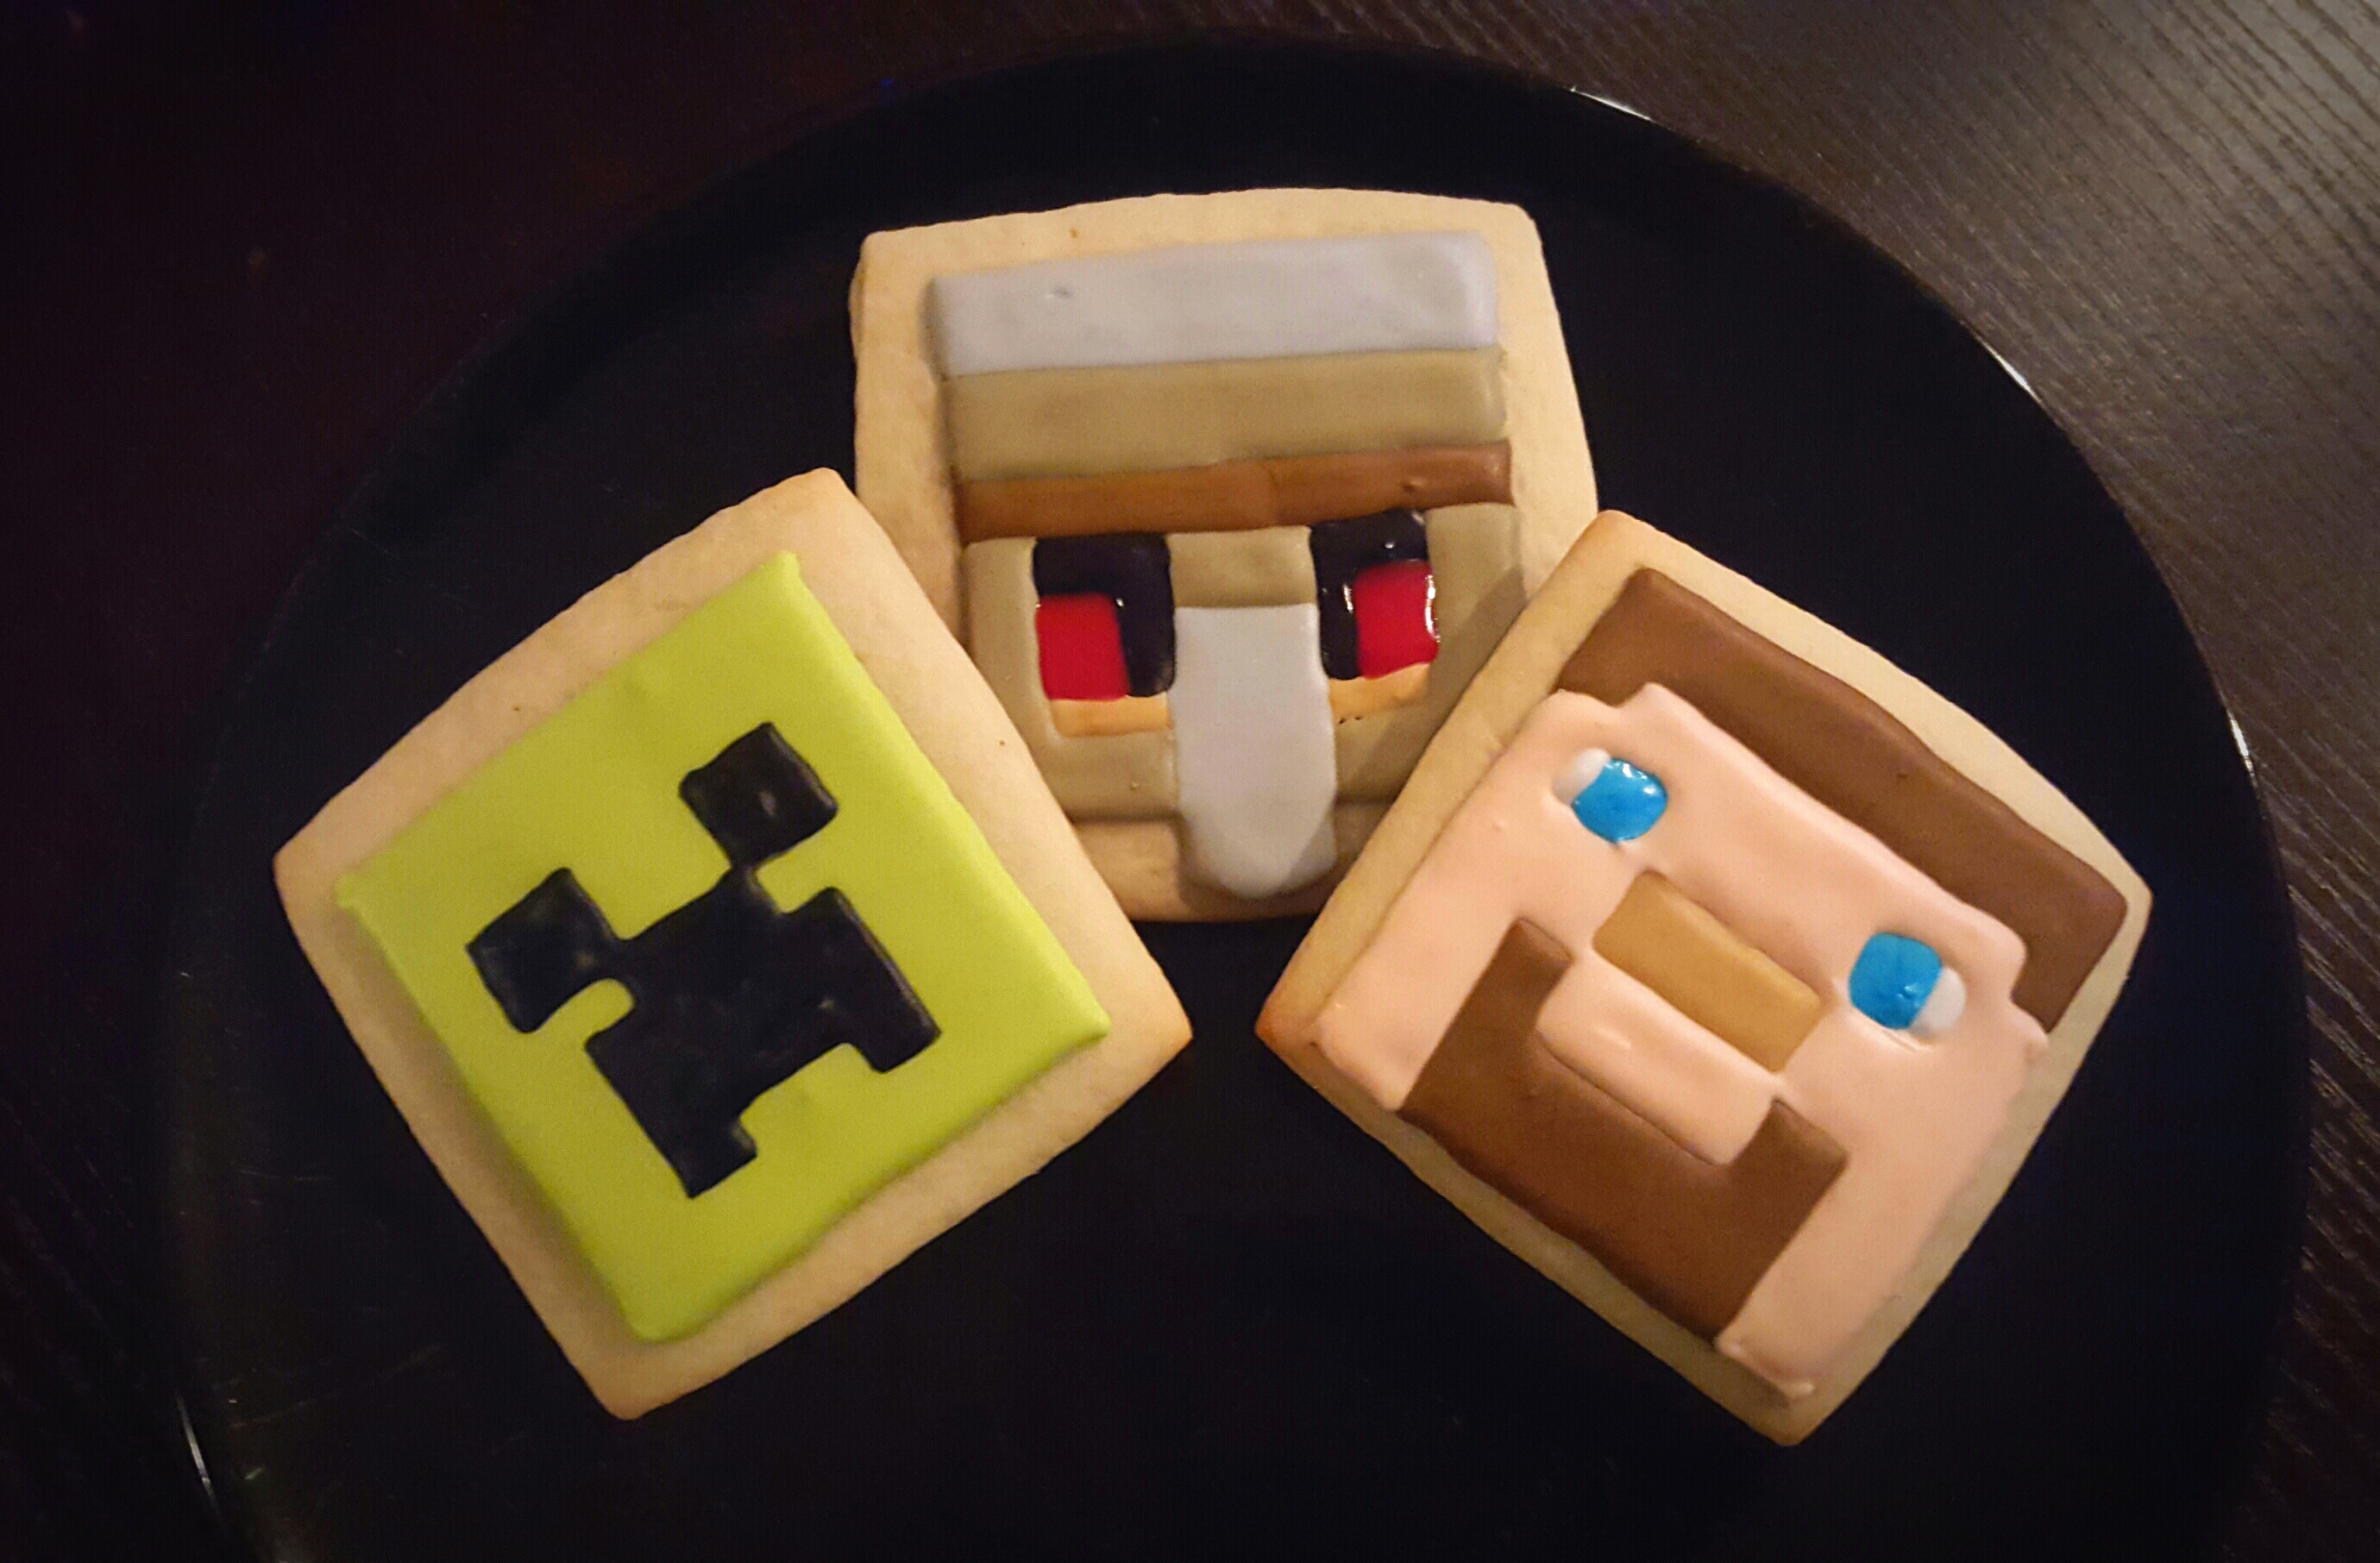 картинки печеньки в майнкрафте какую-нибудь таверну